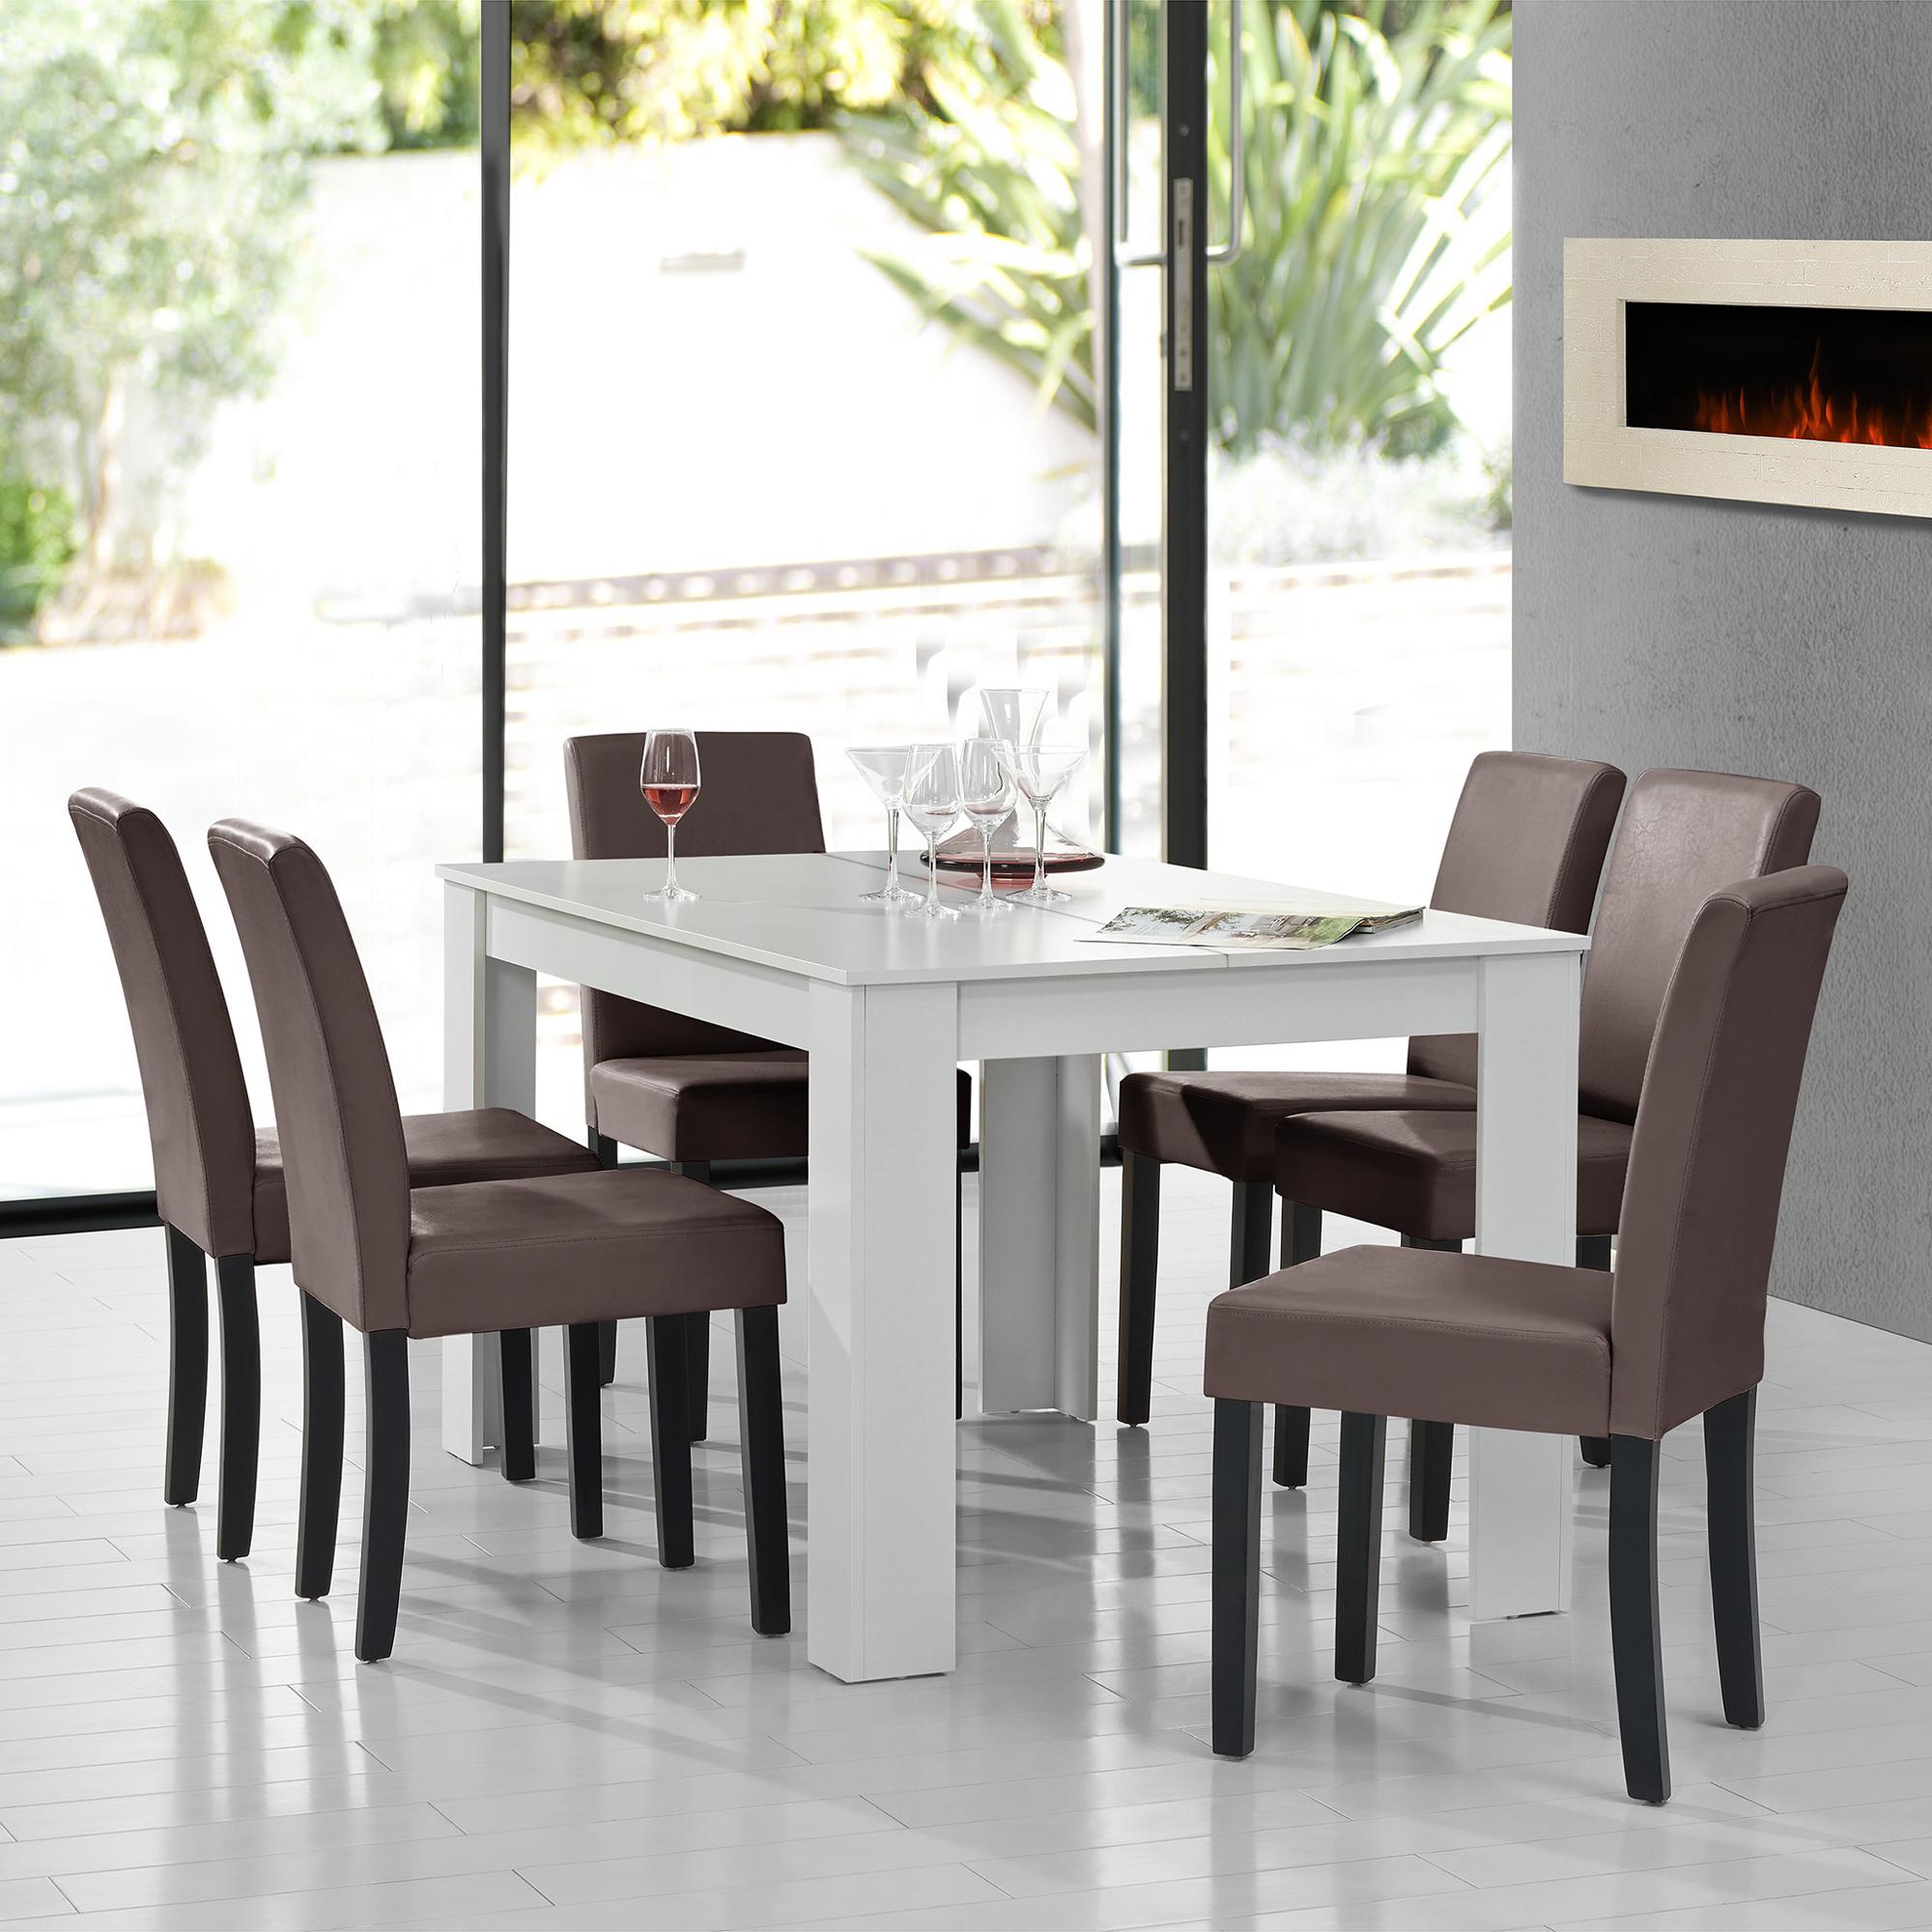 en.casa]® Set comedor mesa blanca + 6 sillas marrón [140x90 ...